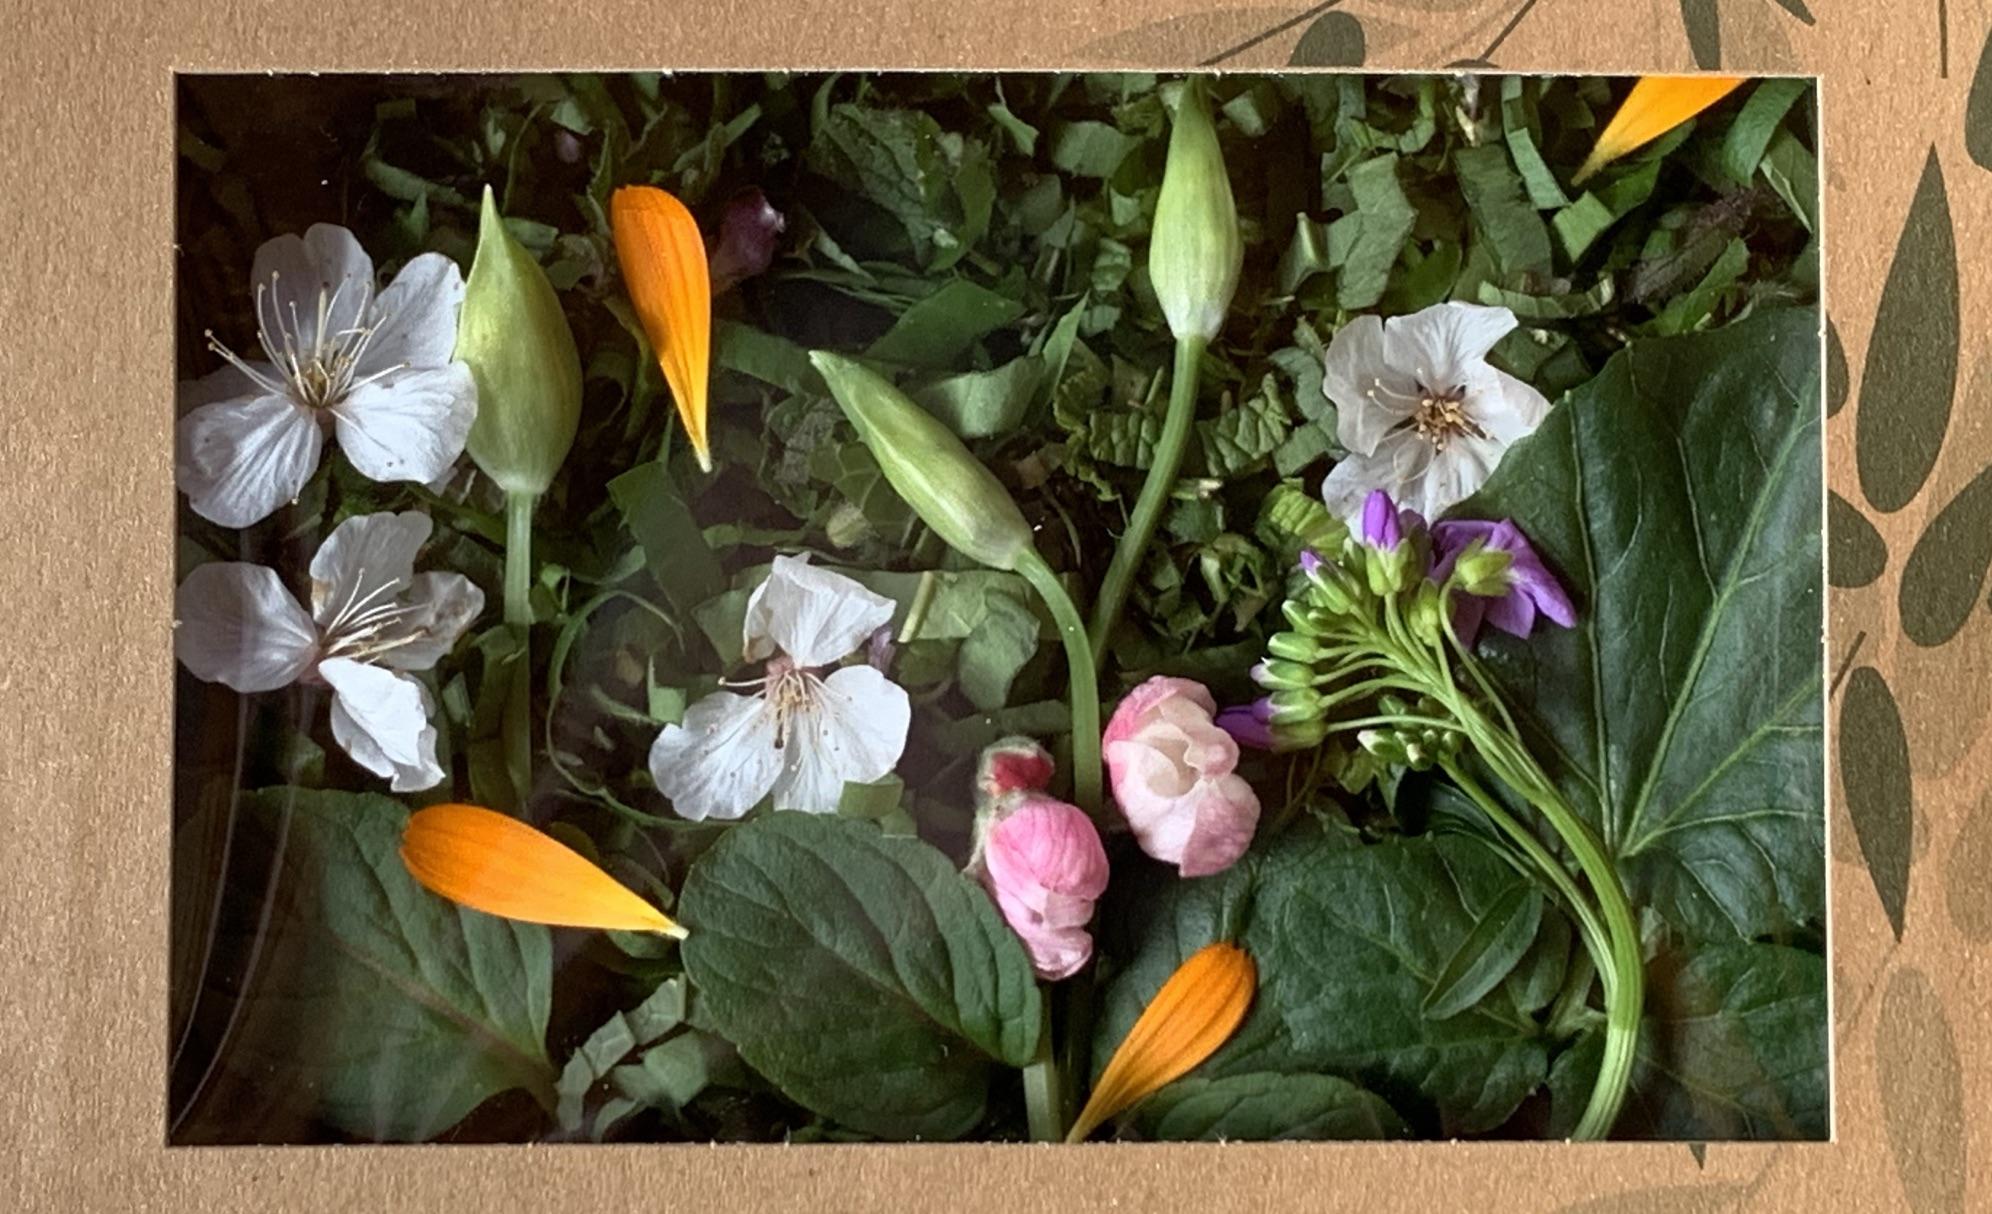 Bento «nouilles fraîches aux plantes sauvages» : composition lot par lot